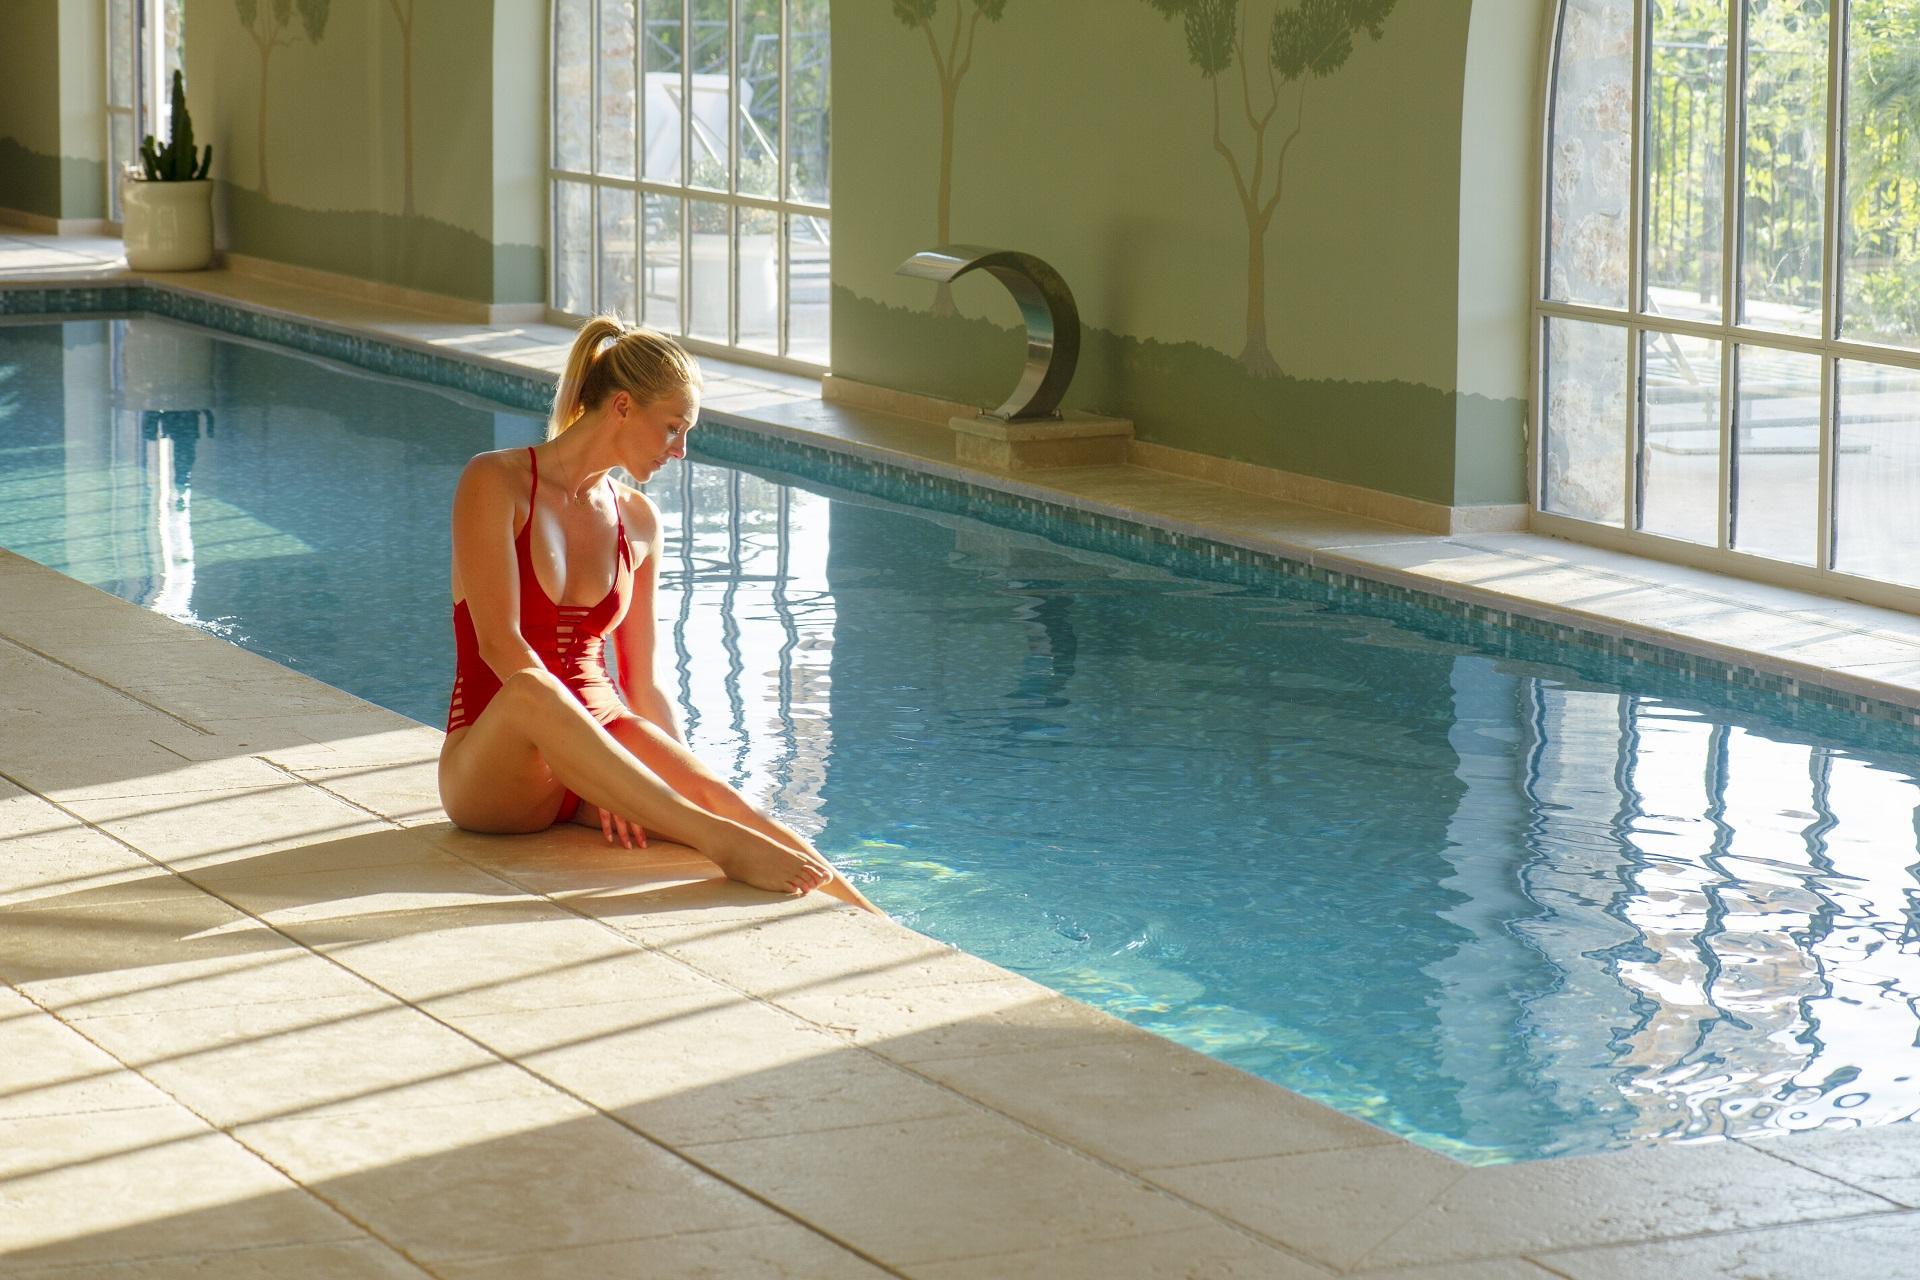 Chateau-de-berne-provence-vignoble-var-piscine-spa-incentive-seminaires-de-caractere